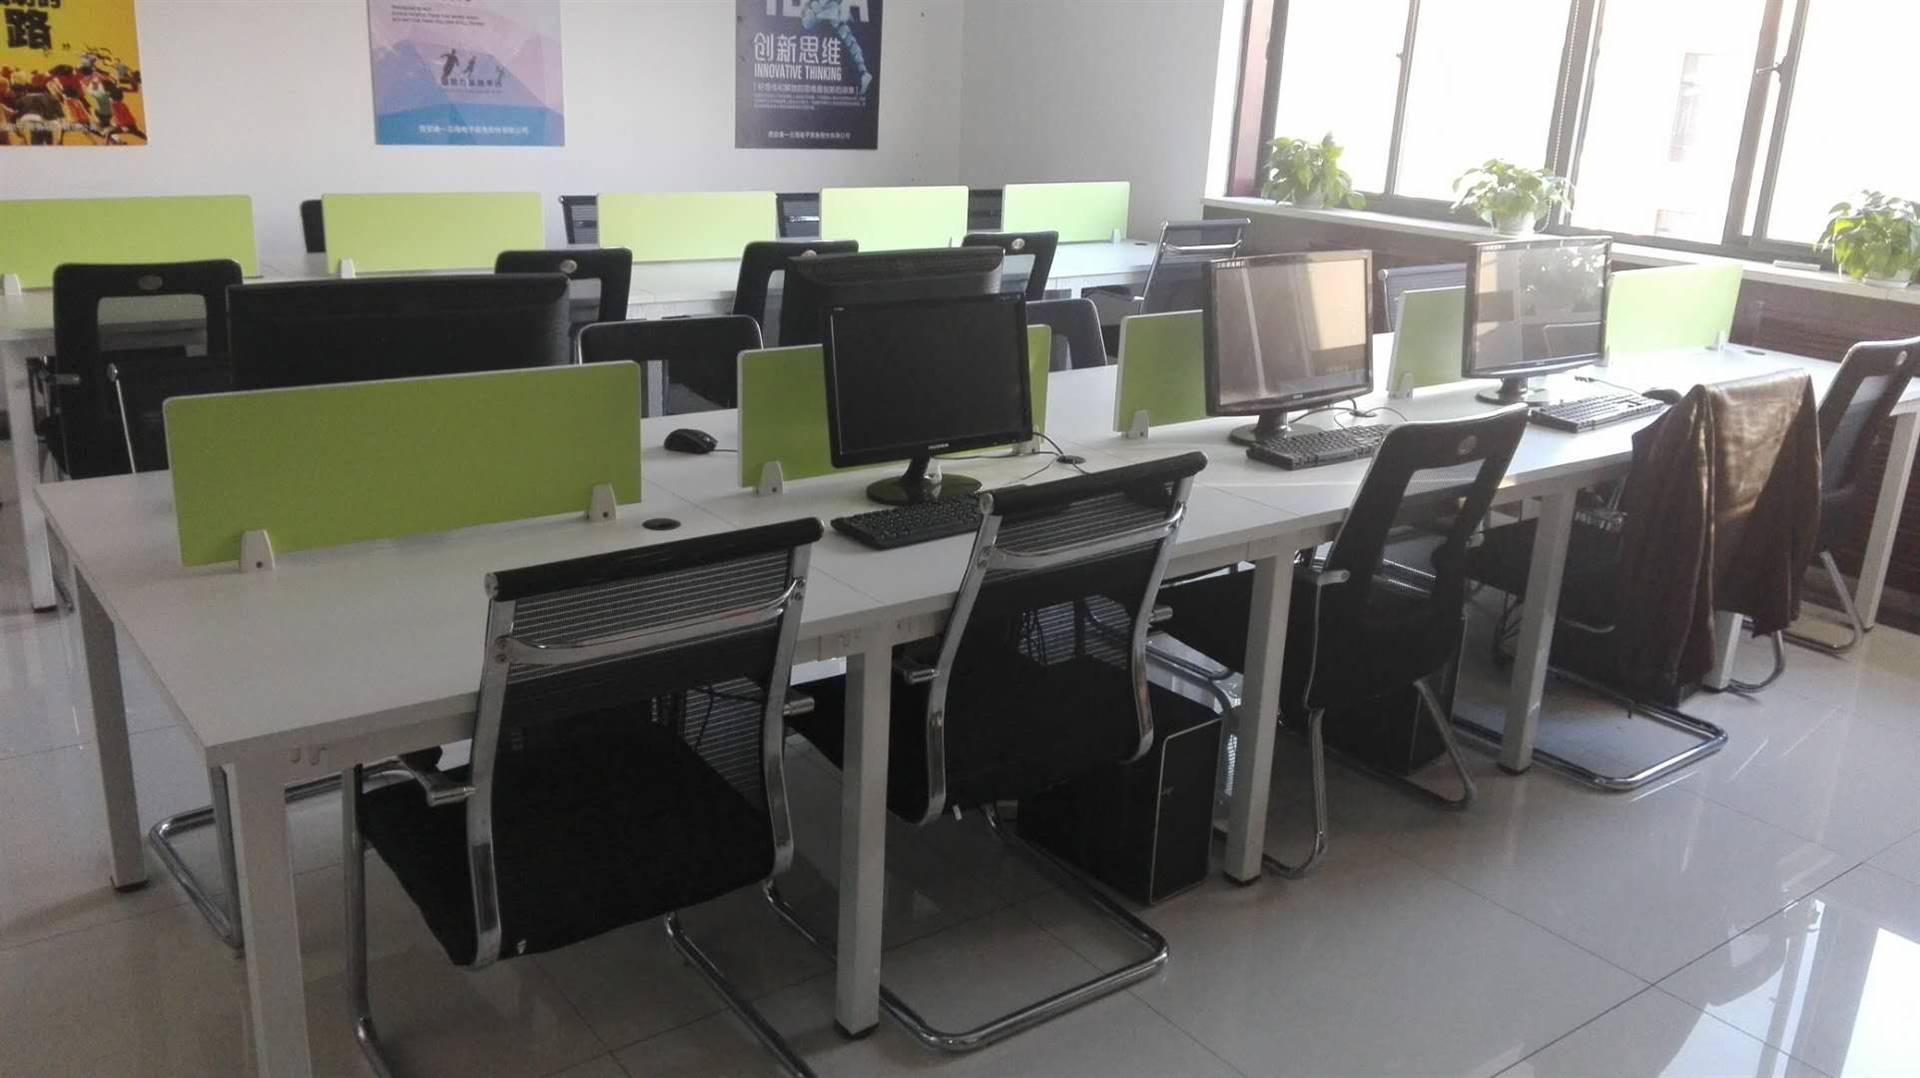 售成套办公家具,有沙发,老板桌,会议桌,员工位,书柜,文件柜